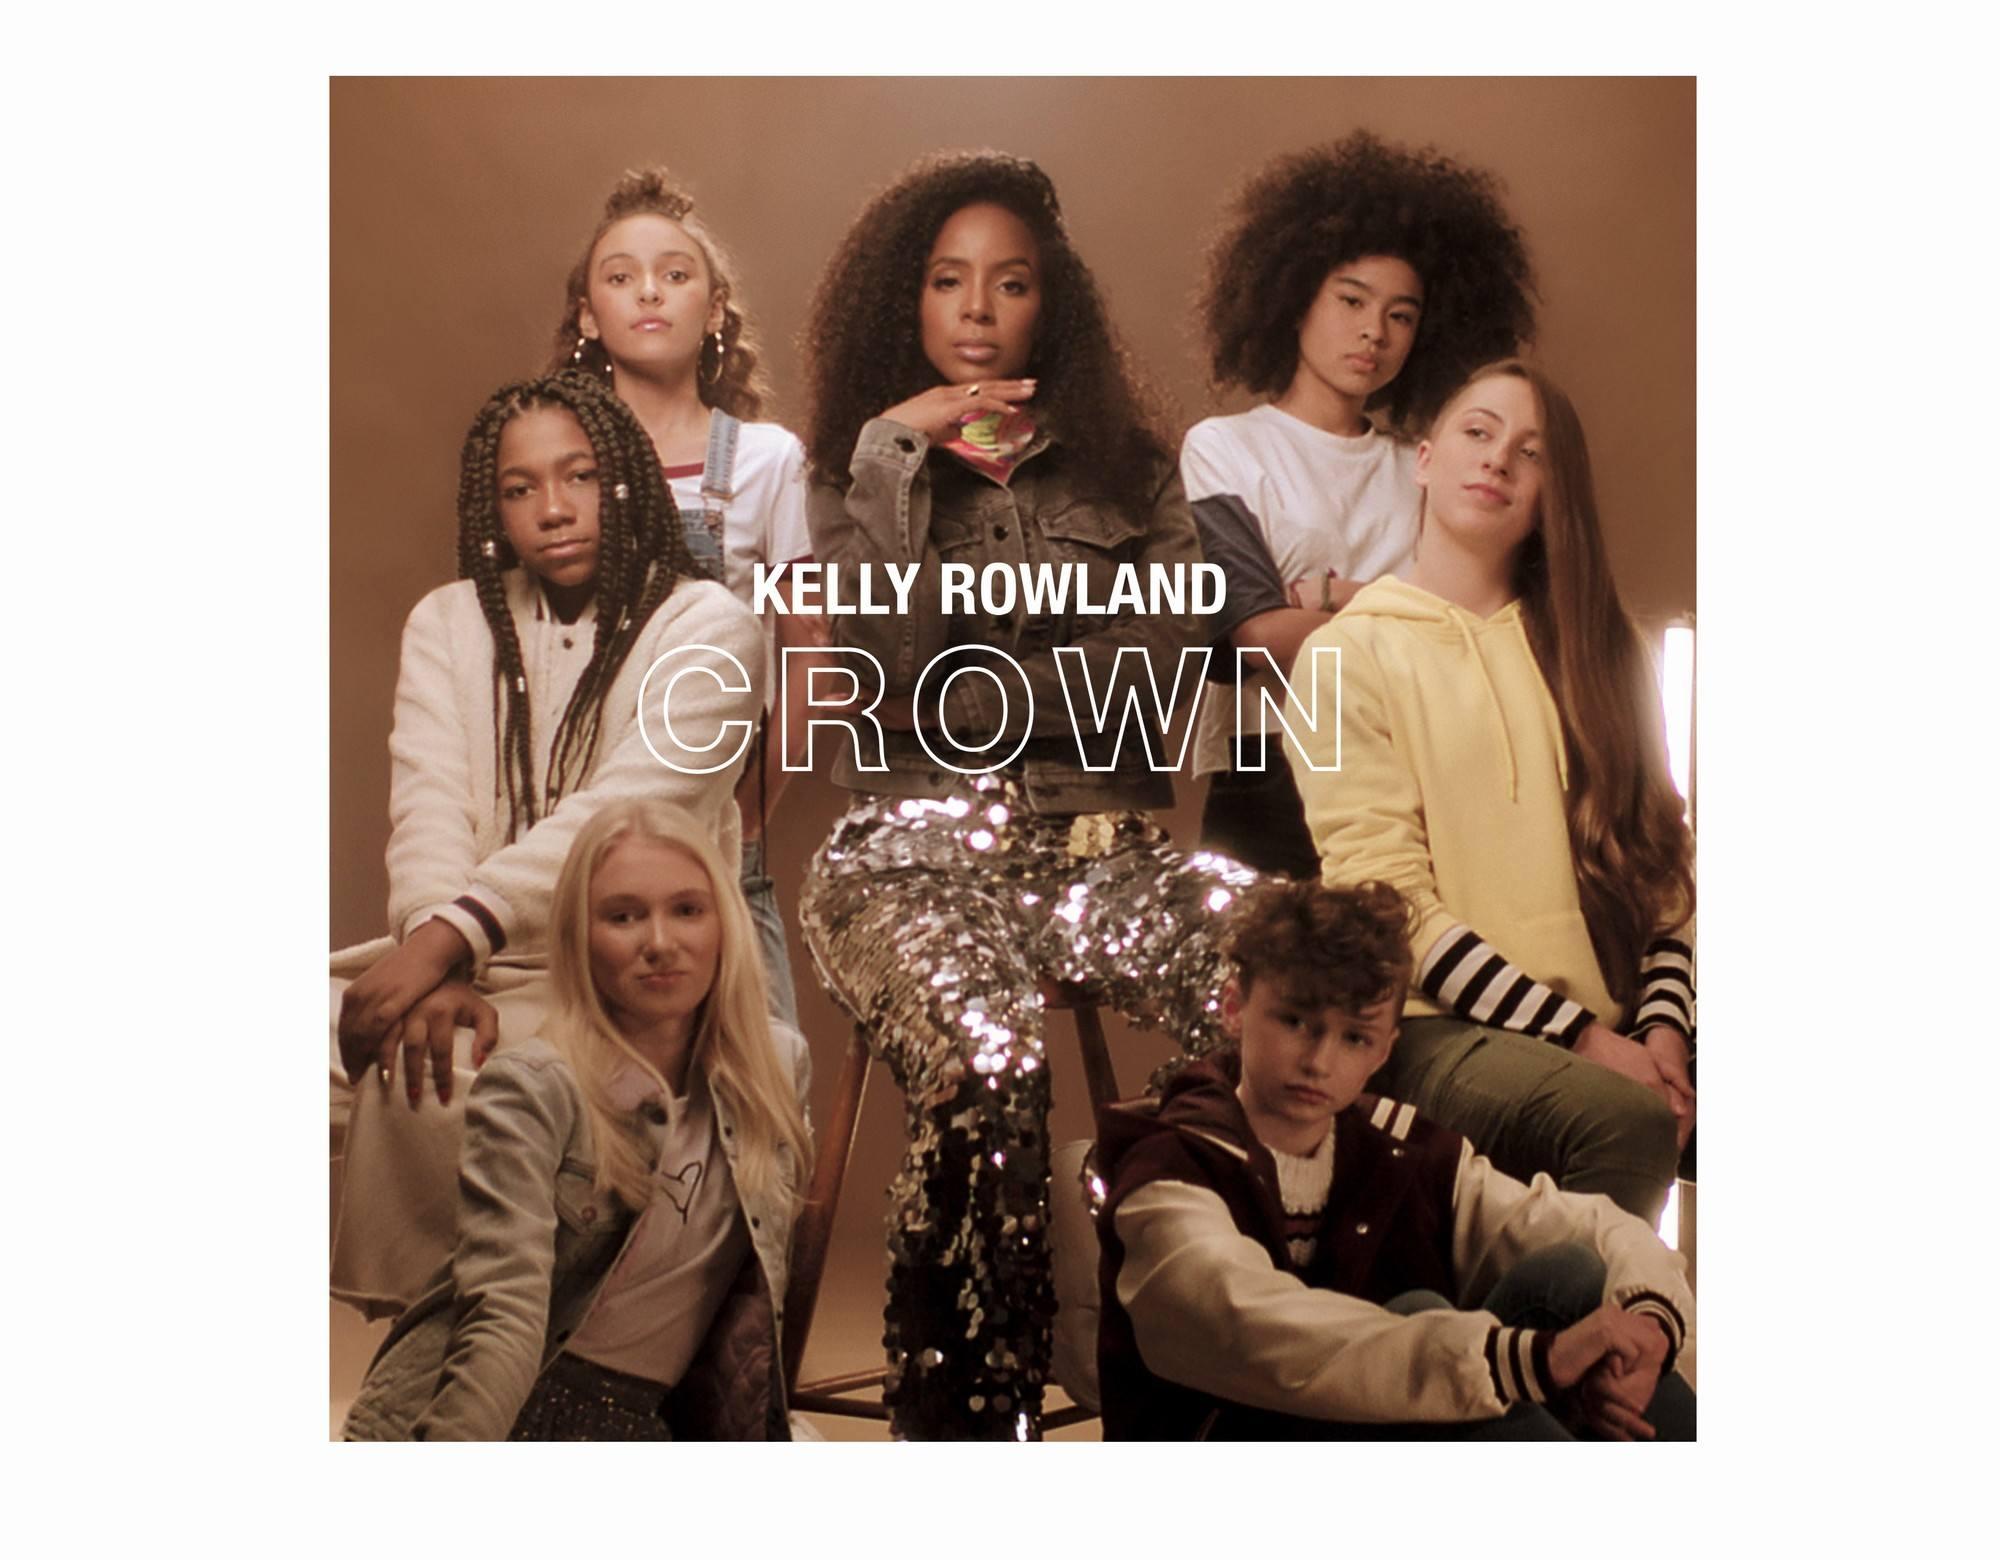 kelly Rowland e crianças que estrelaram o videoclipe Crown